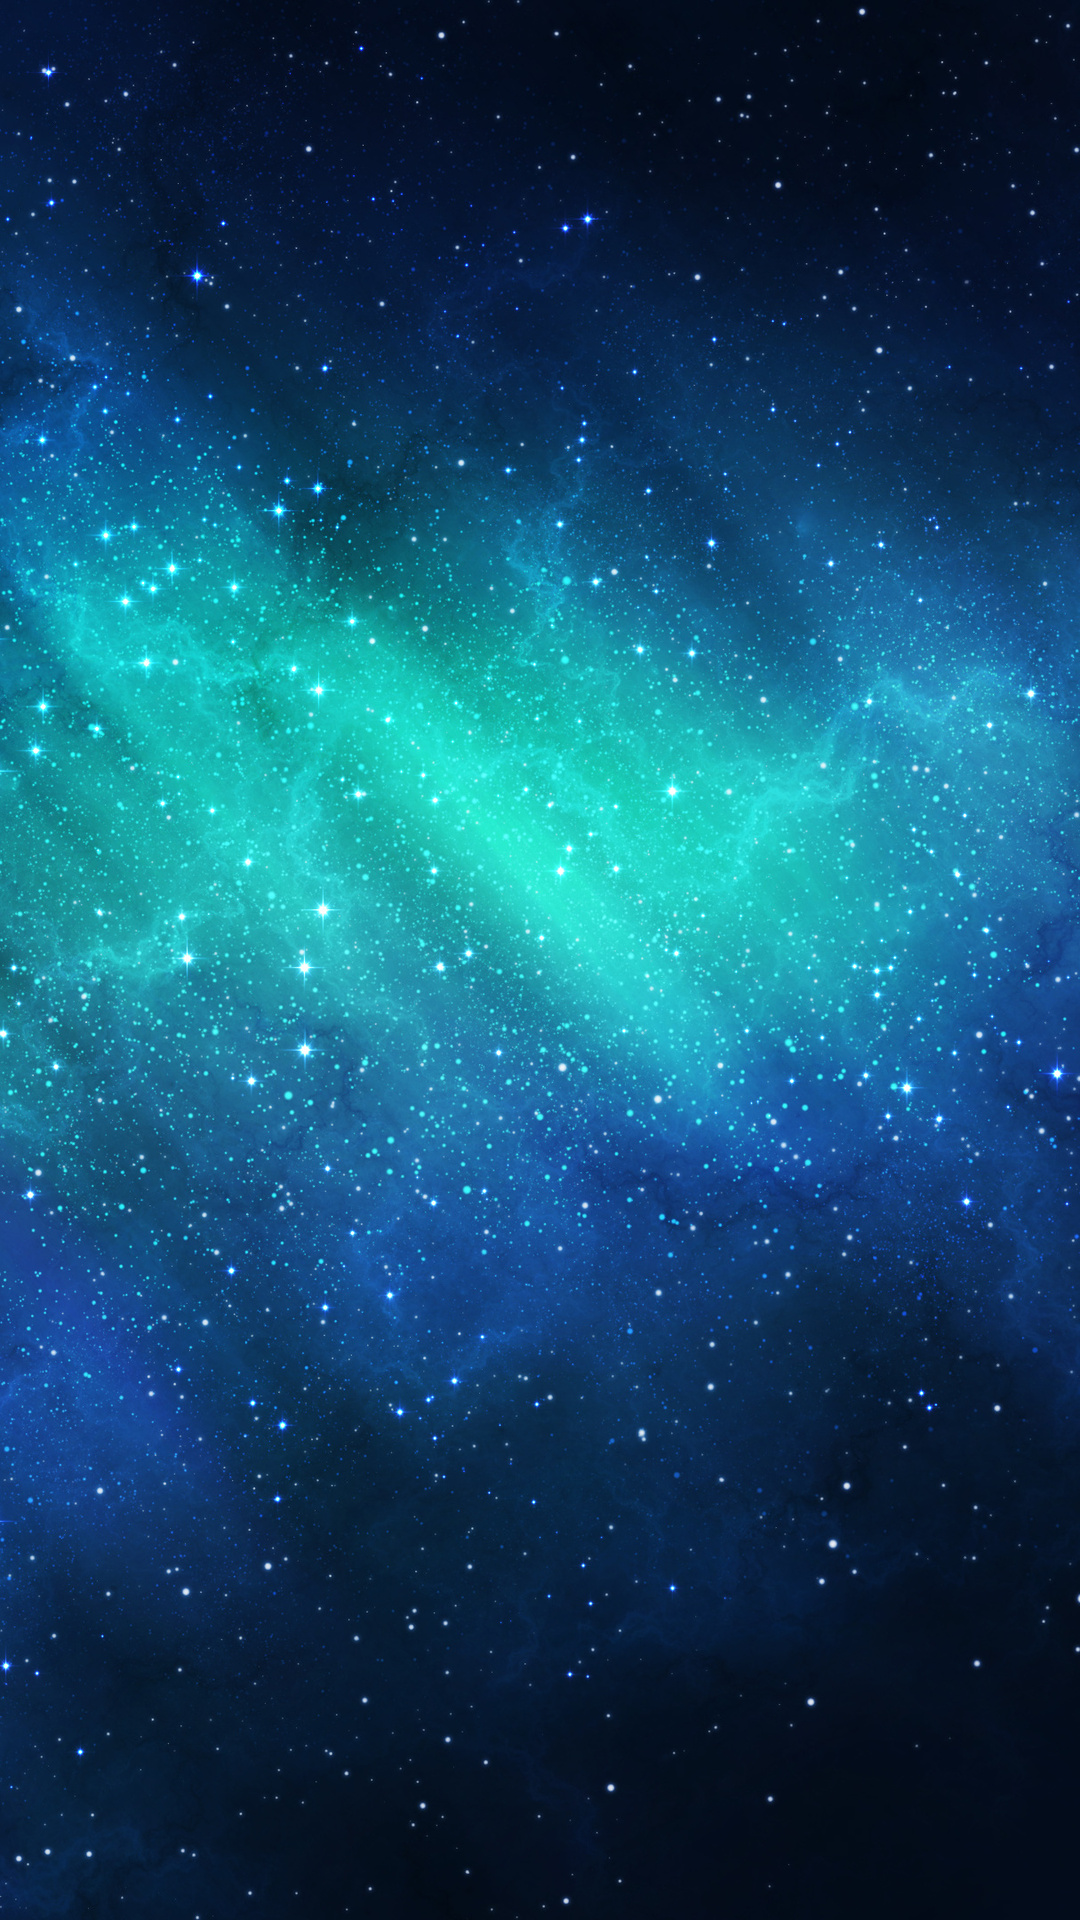 space-dreams-4k-bw.jpg